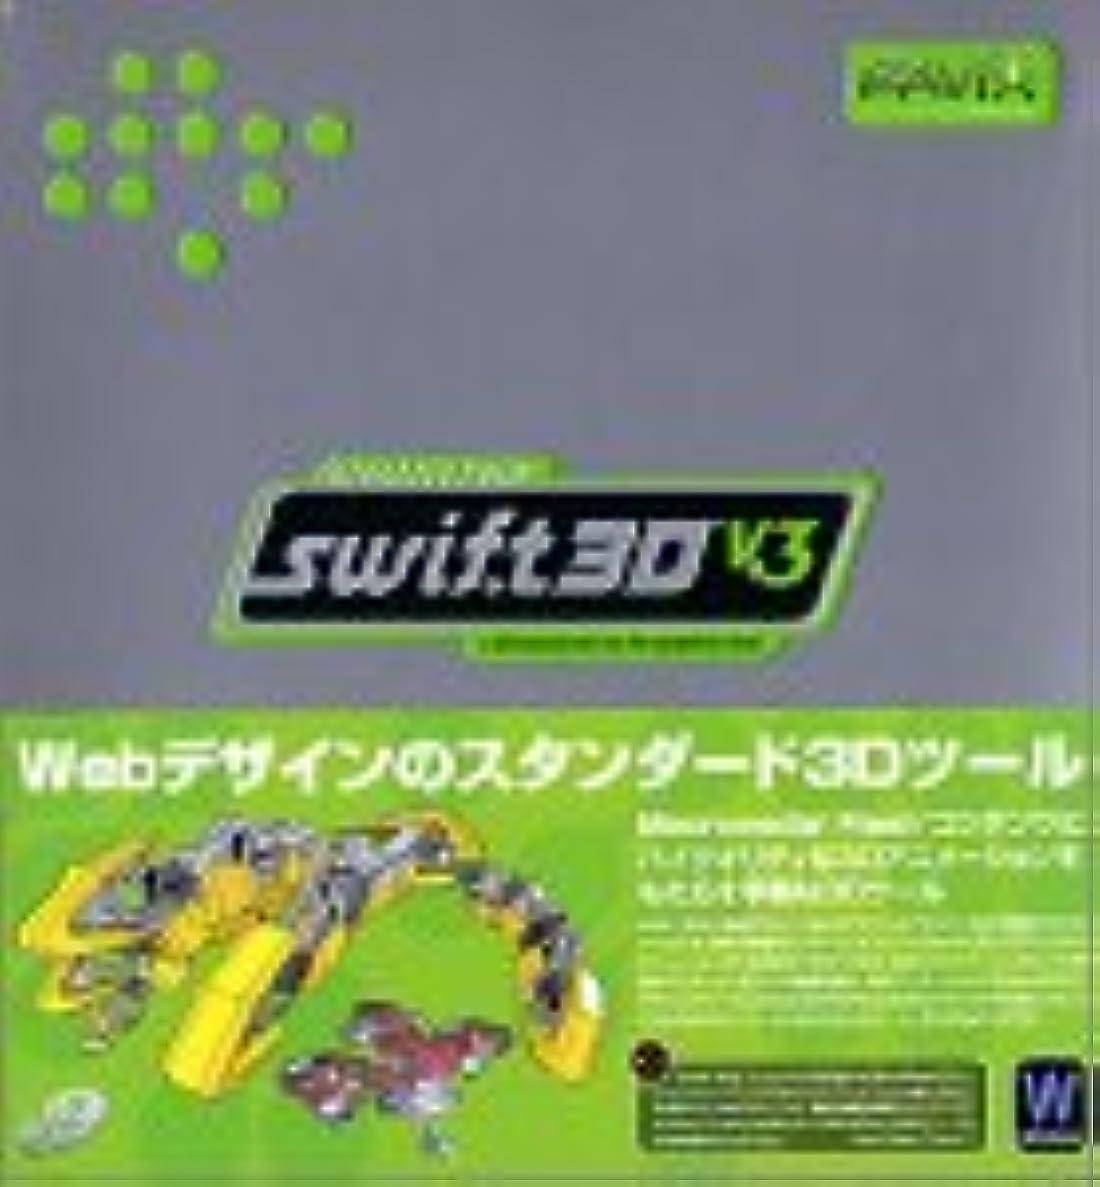 六黒板失効Swift 3D V.3 日本語版 Windows版